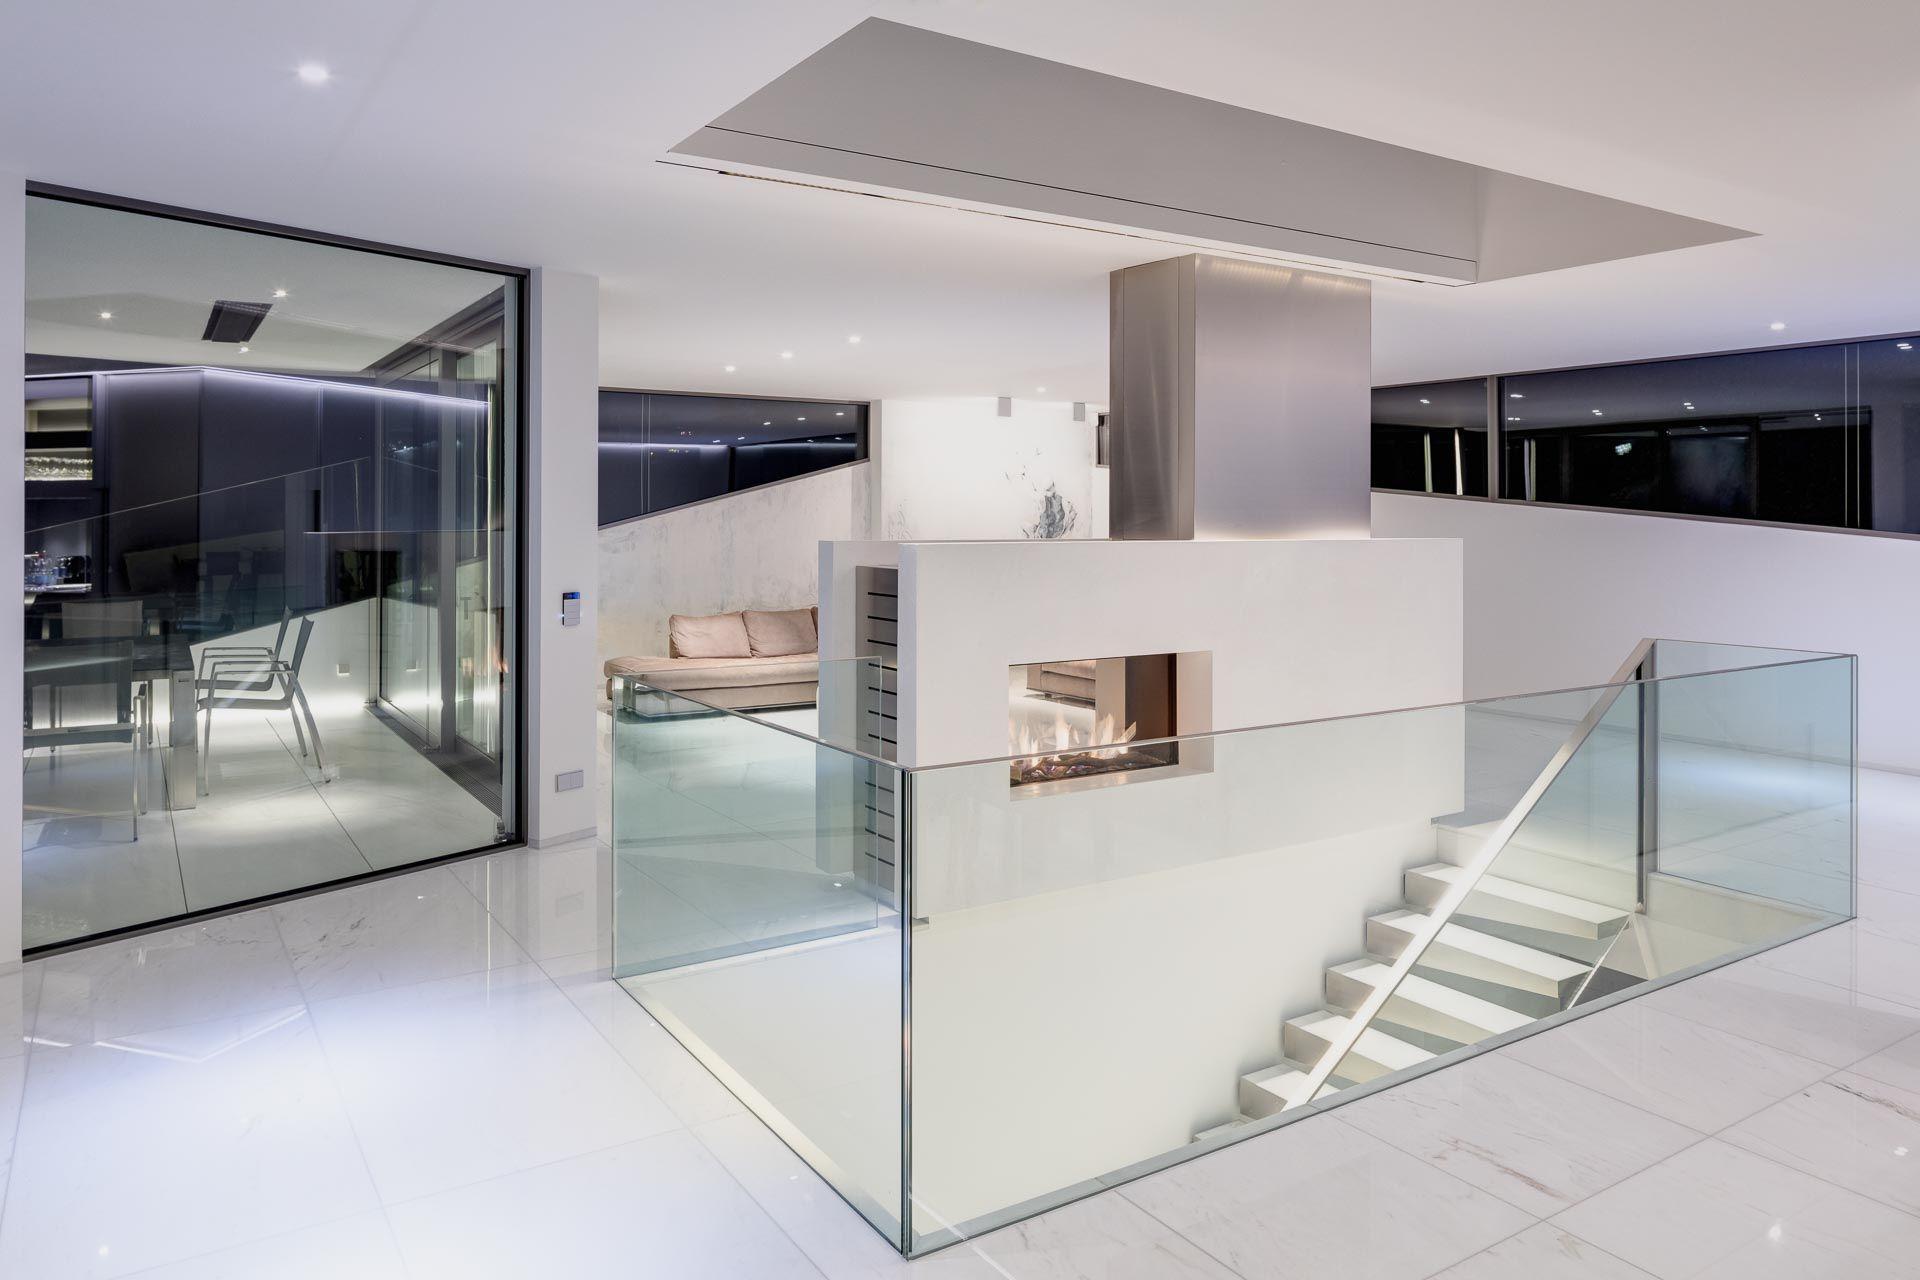 Villa Perlweiss. [Innen]Architektur von Lee/Mir | Fewo - Foto Bsp ...